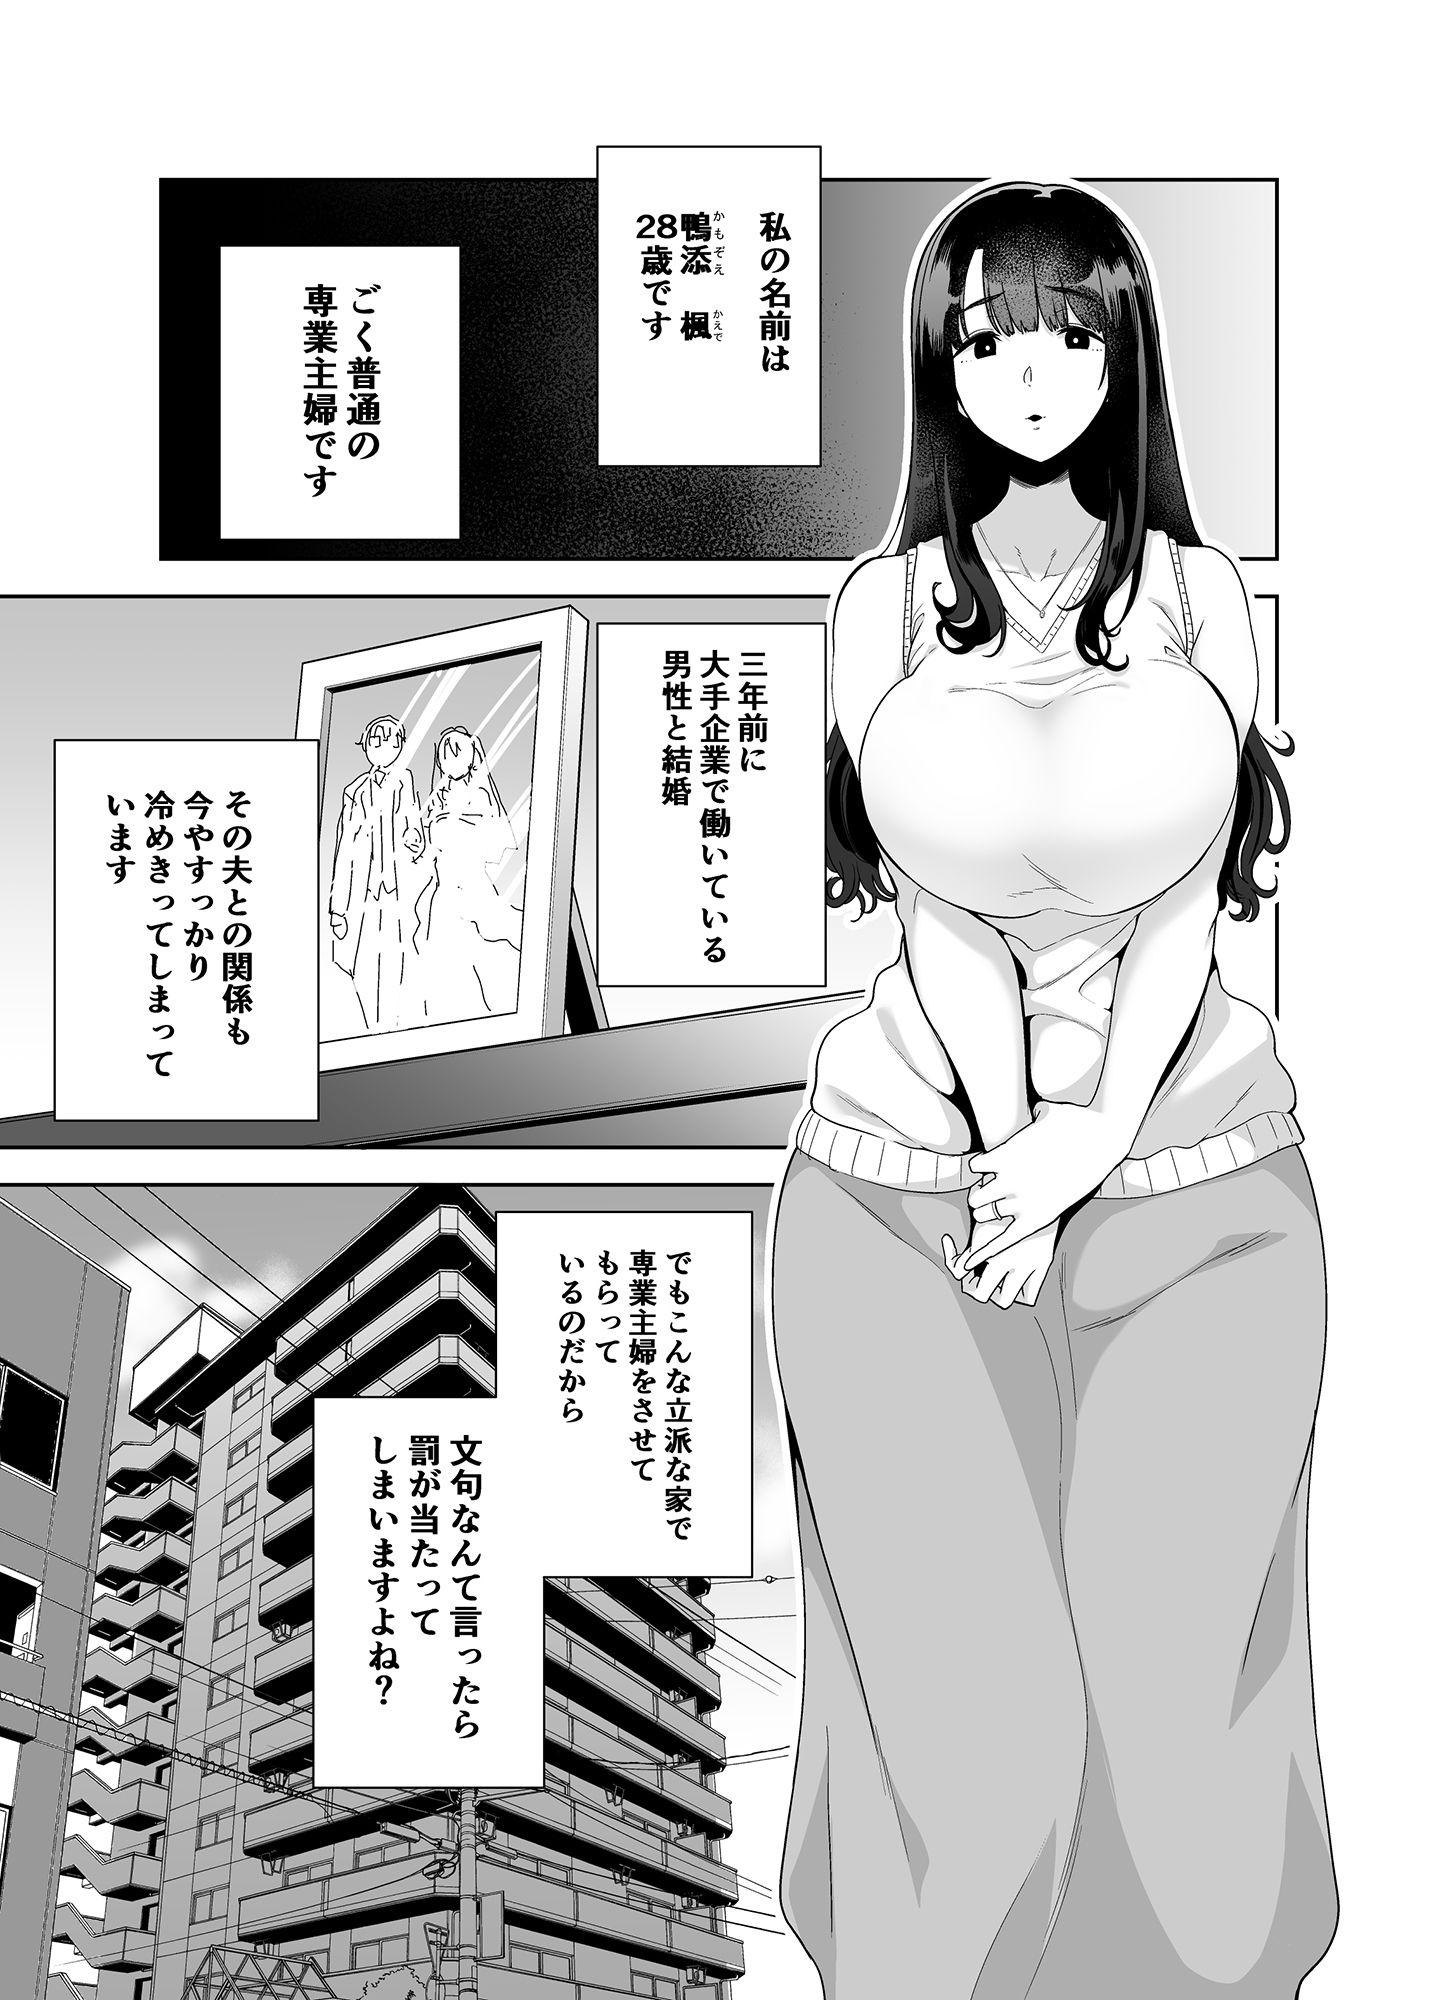 【エロ漫画無料大全集】【寝取られエロ漫画】ホームステイで受け入れた外国人に巨乳新妻が寝取られて…